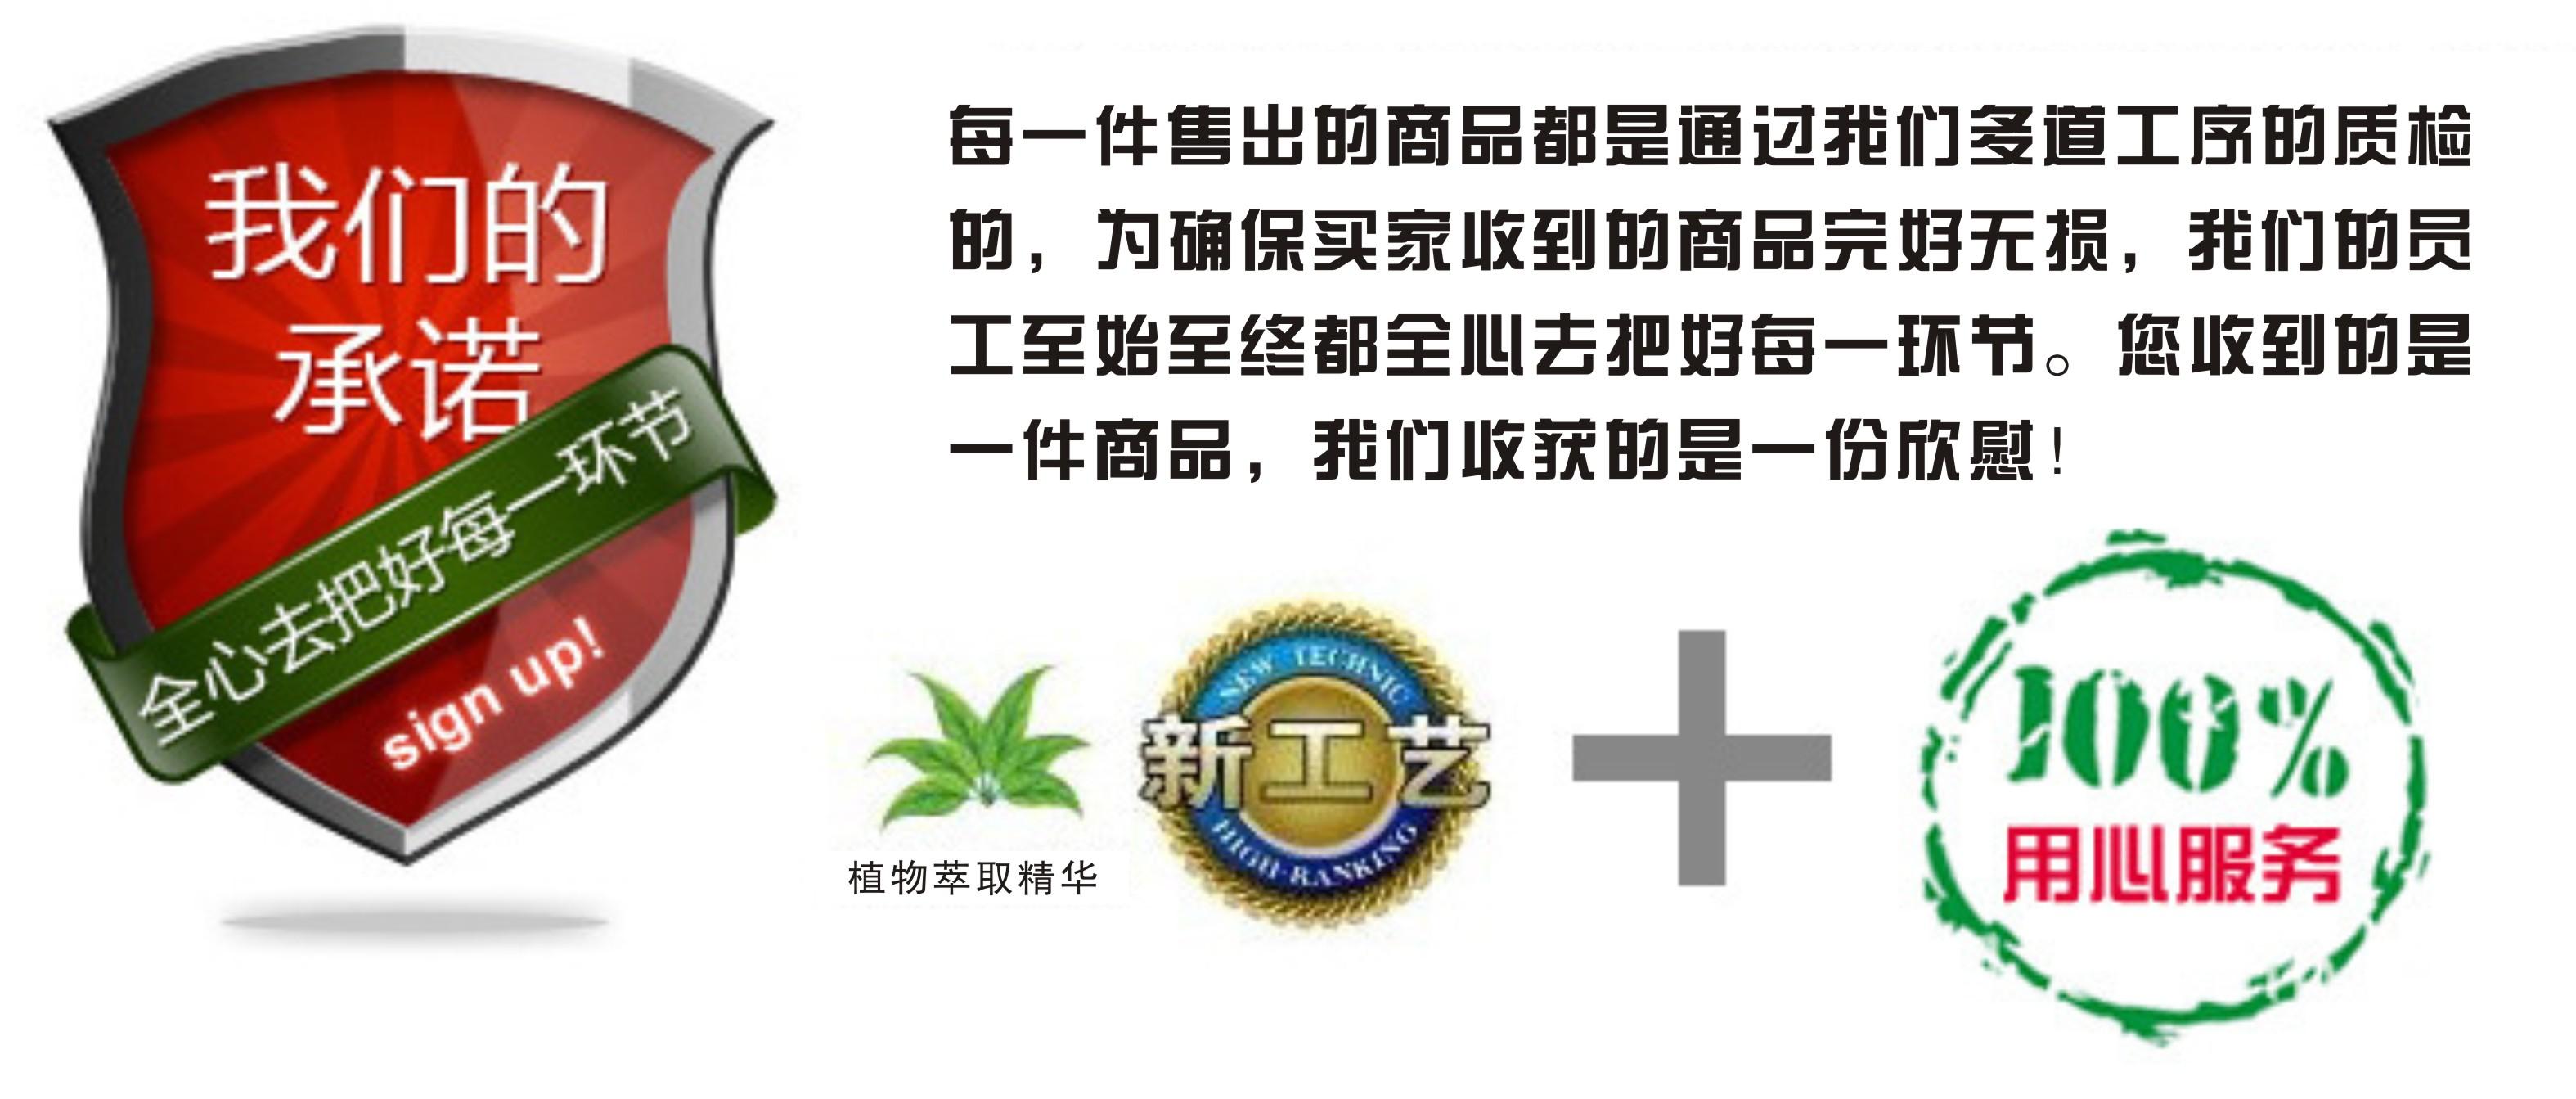 甘草提取物  纯植物提取  厂家直销示例图10